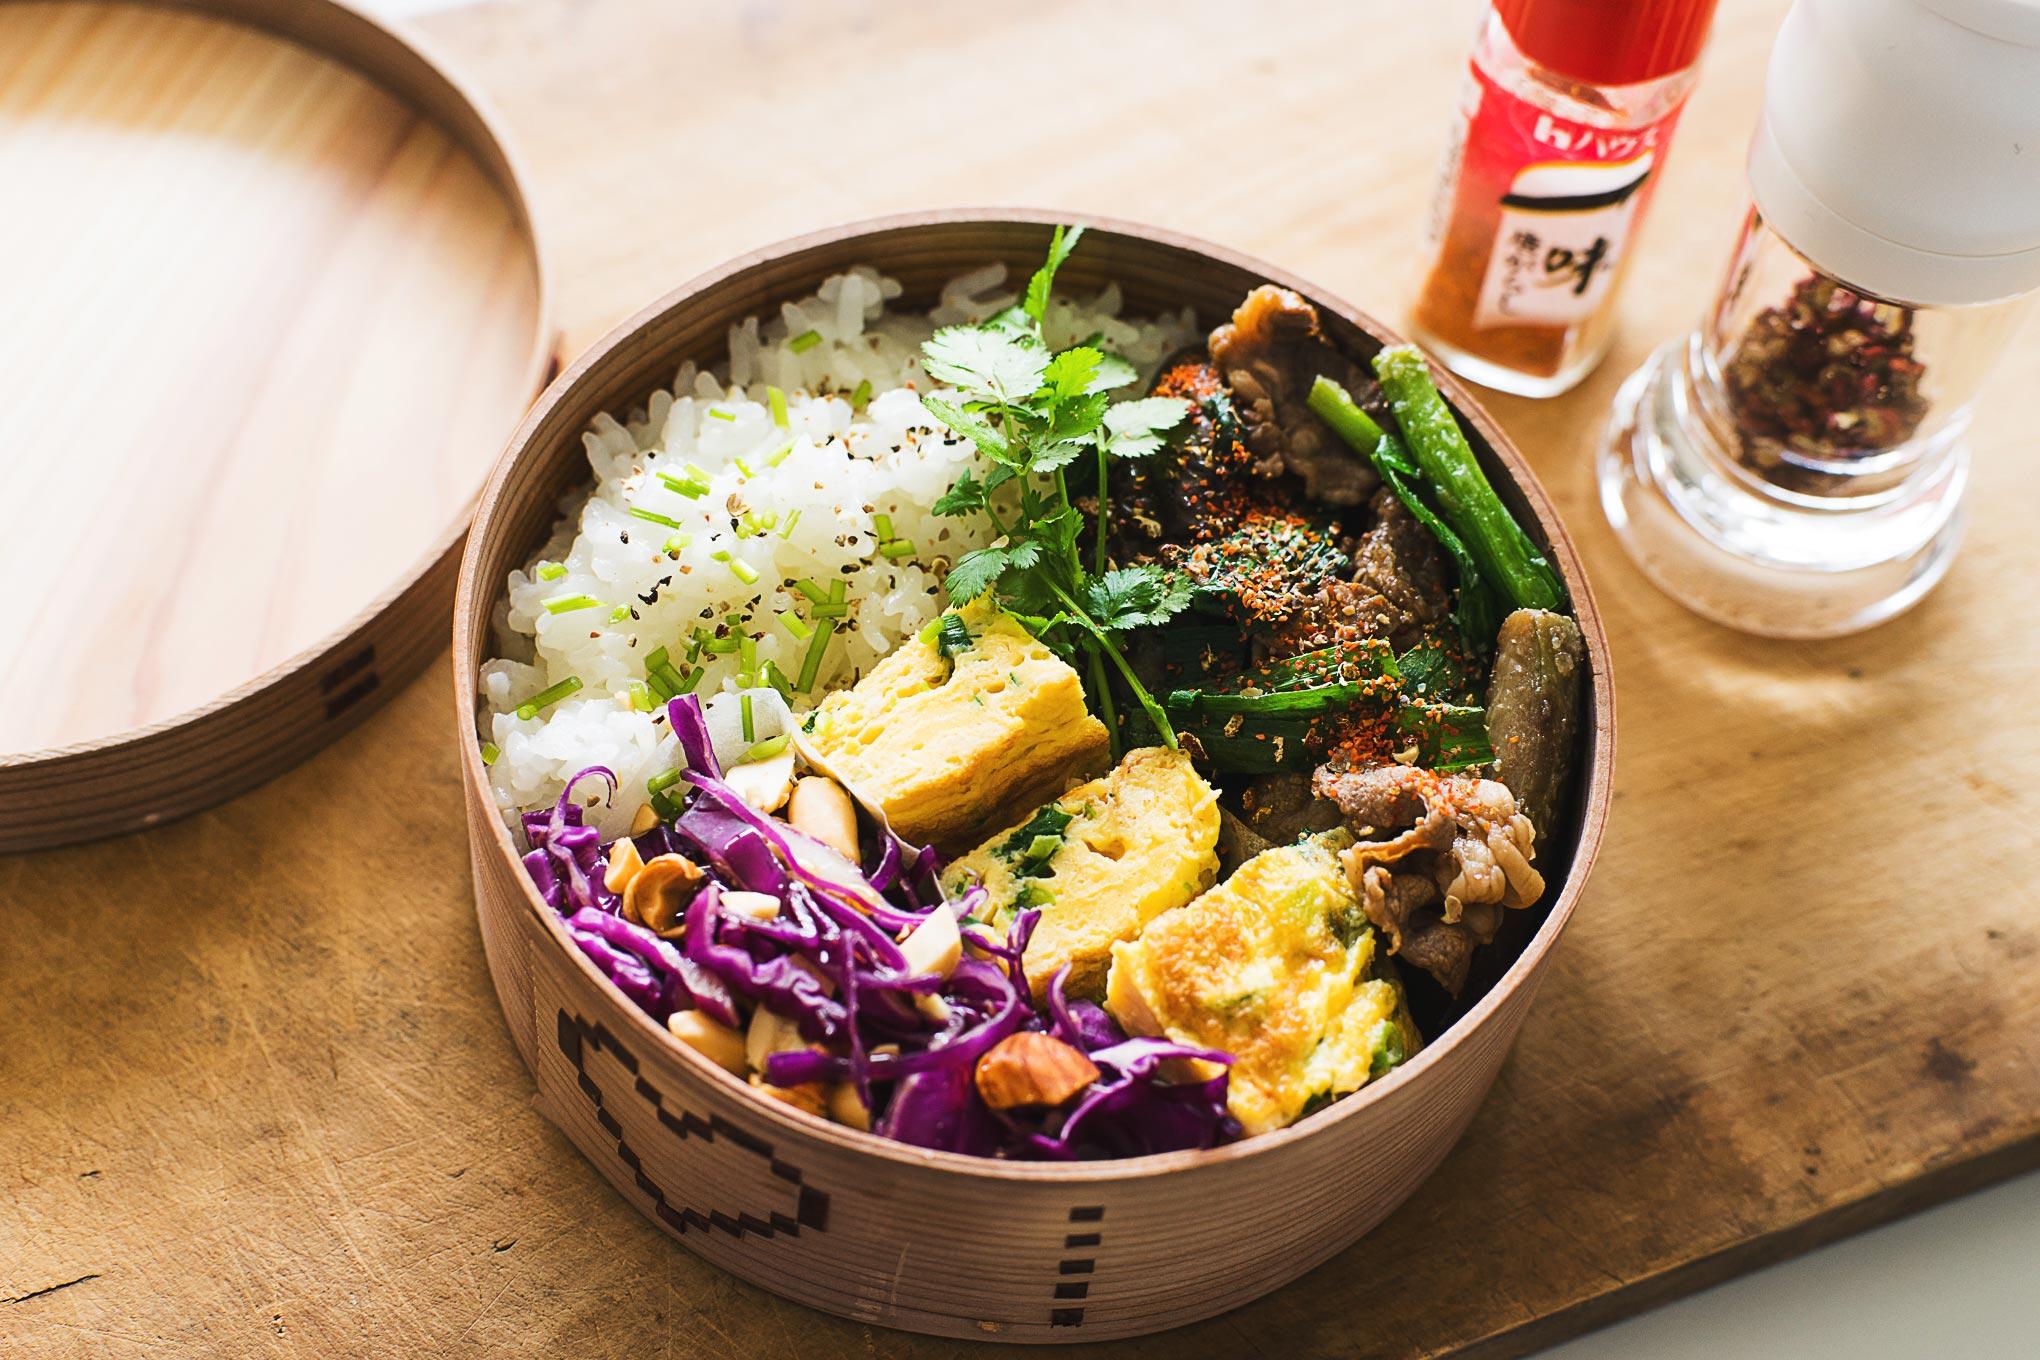 本場の中華料理の、あの奥深い辛味の出し方のコツがわかりました。麻と辣の使い分け。